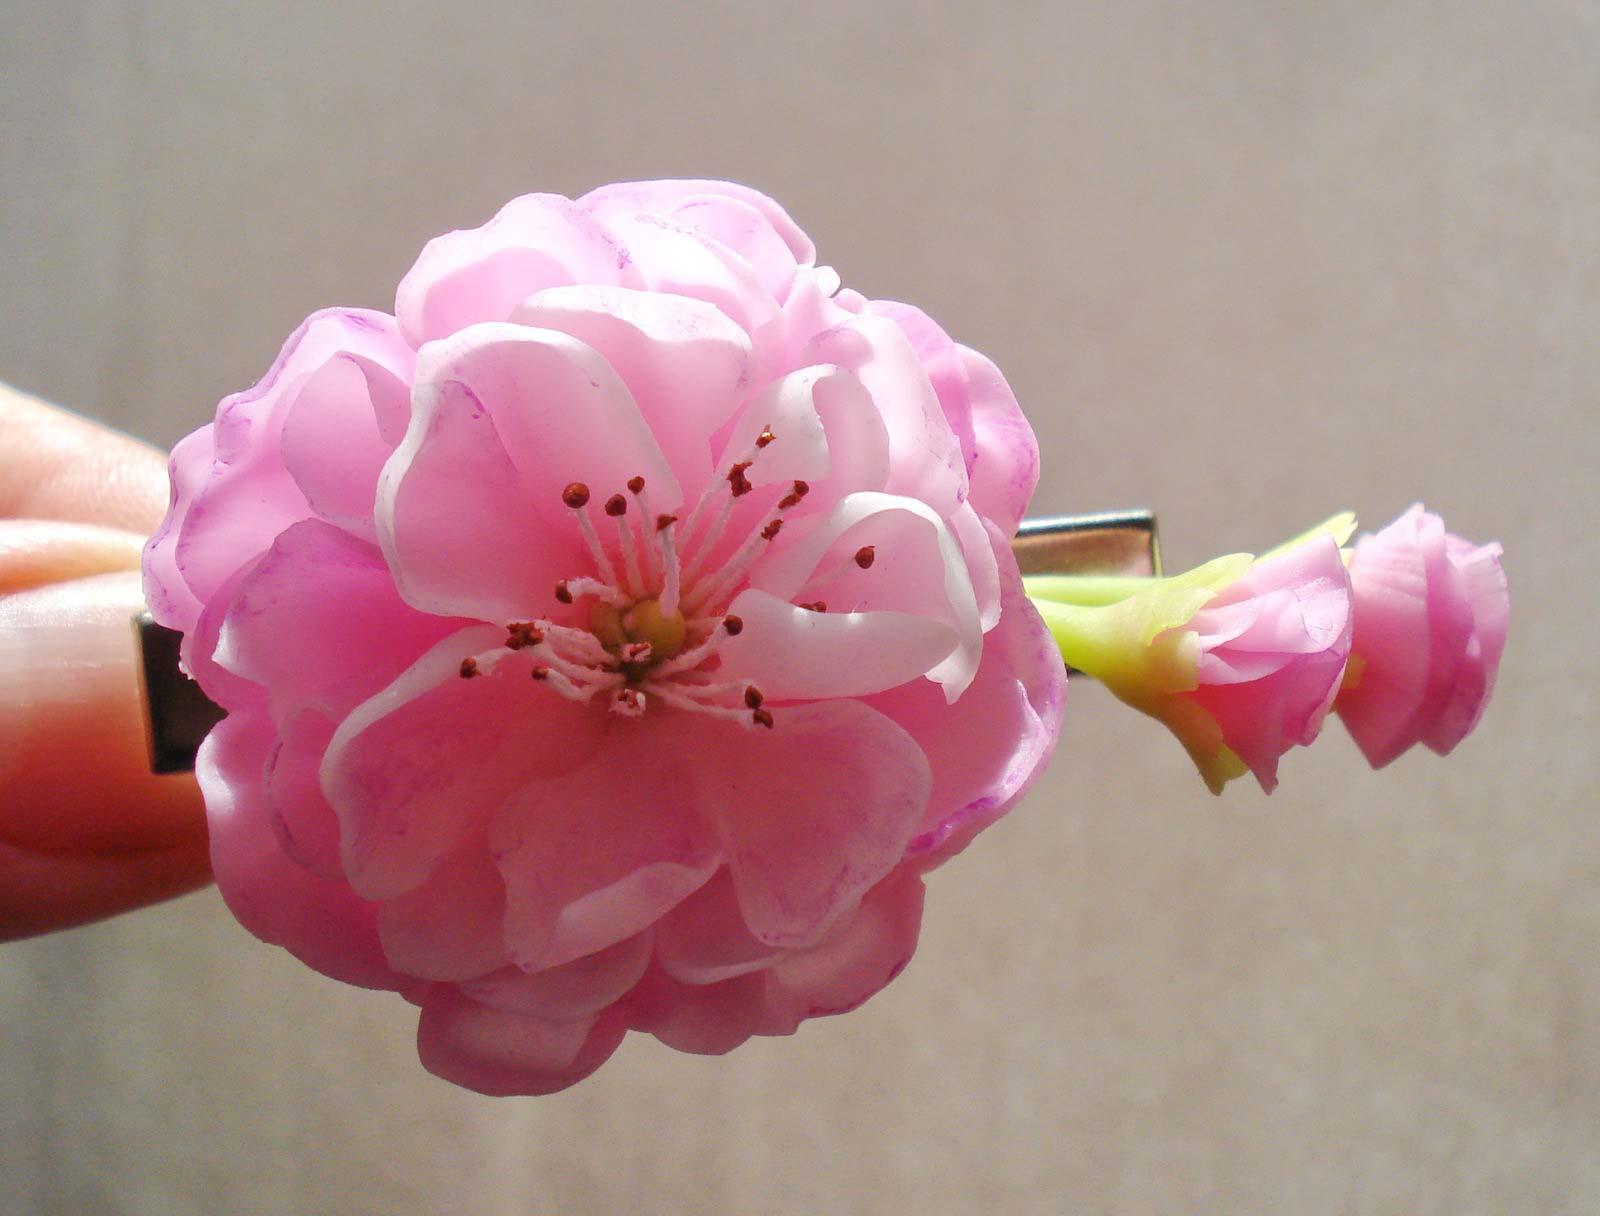 Цветы из полимерной глины: пошаговая инструкция для начинающих 9